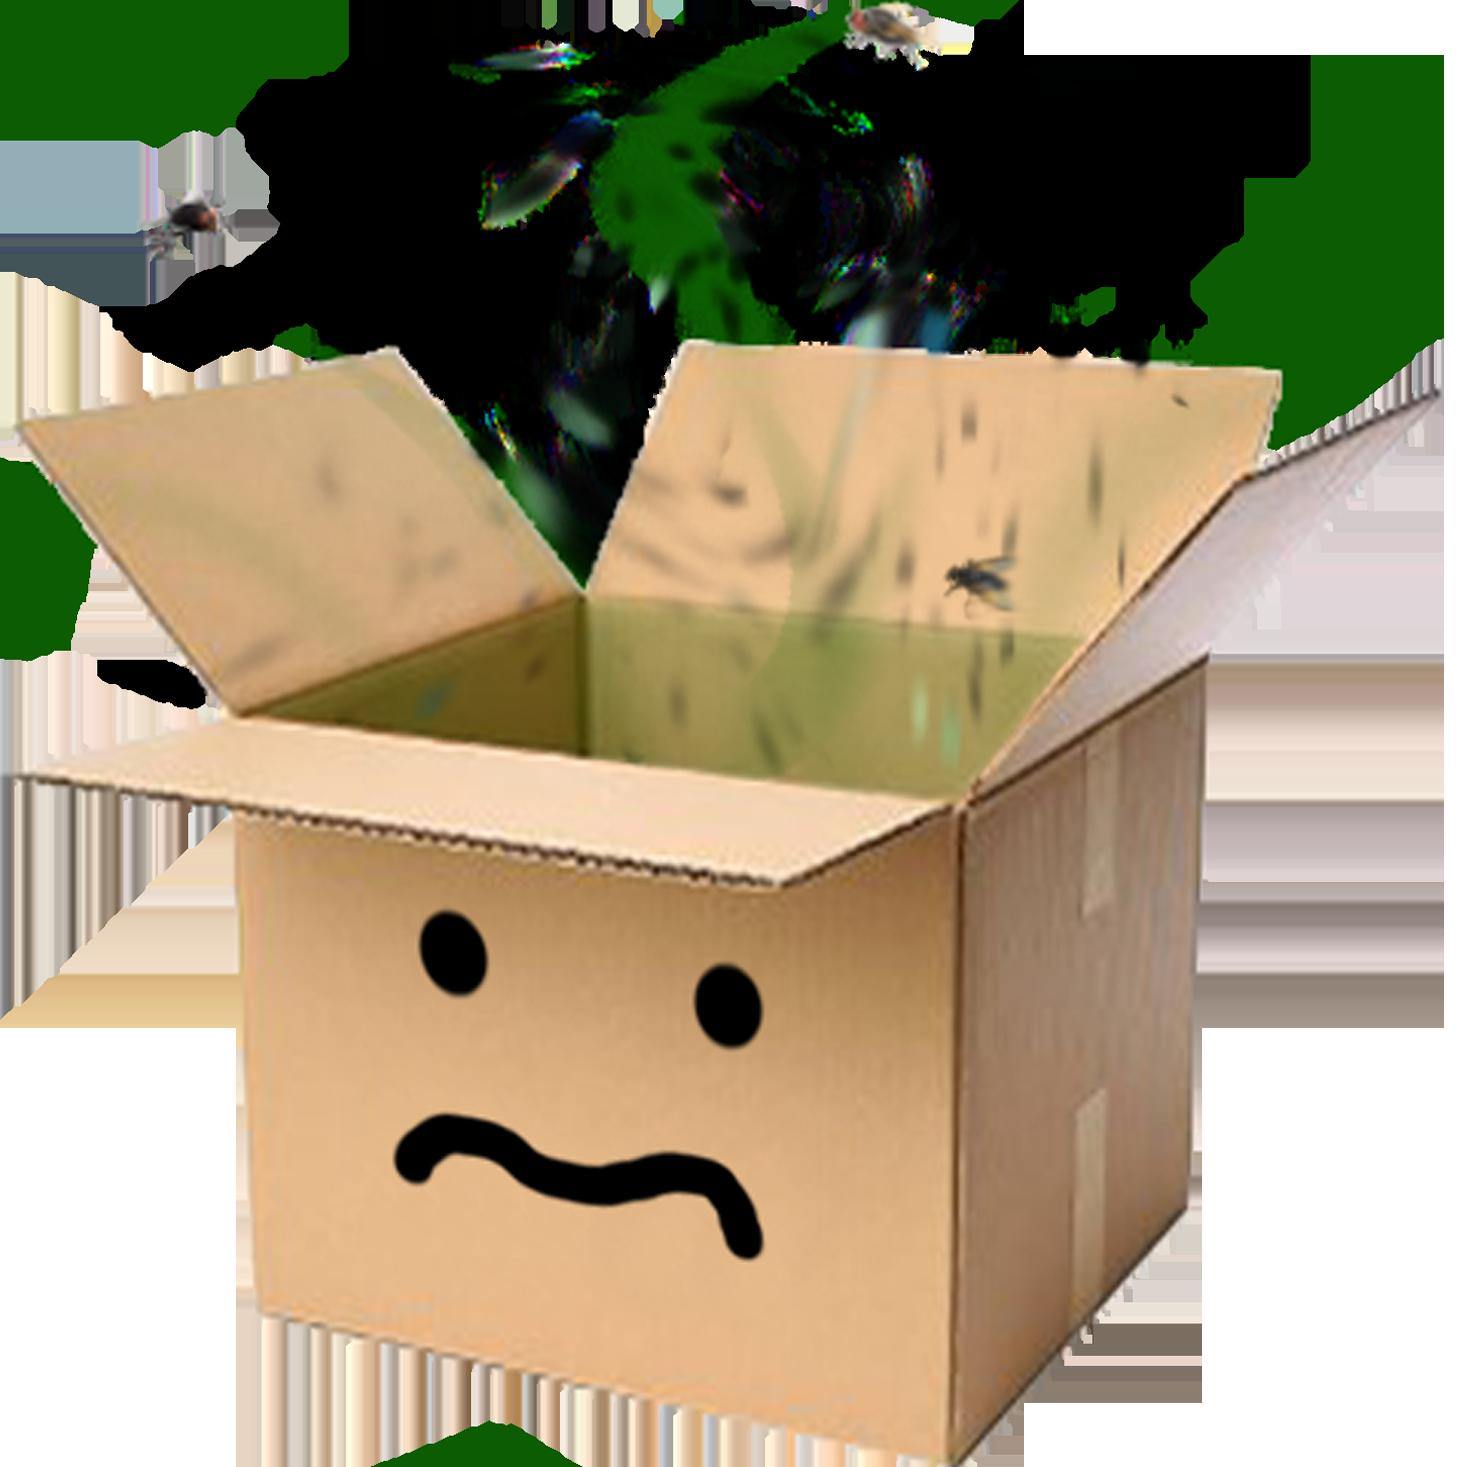 Sticker other carton odeur sad triste puant boite box affreux malade mouche sale cartonfag avenoel